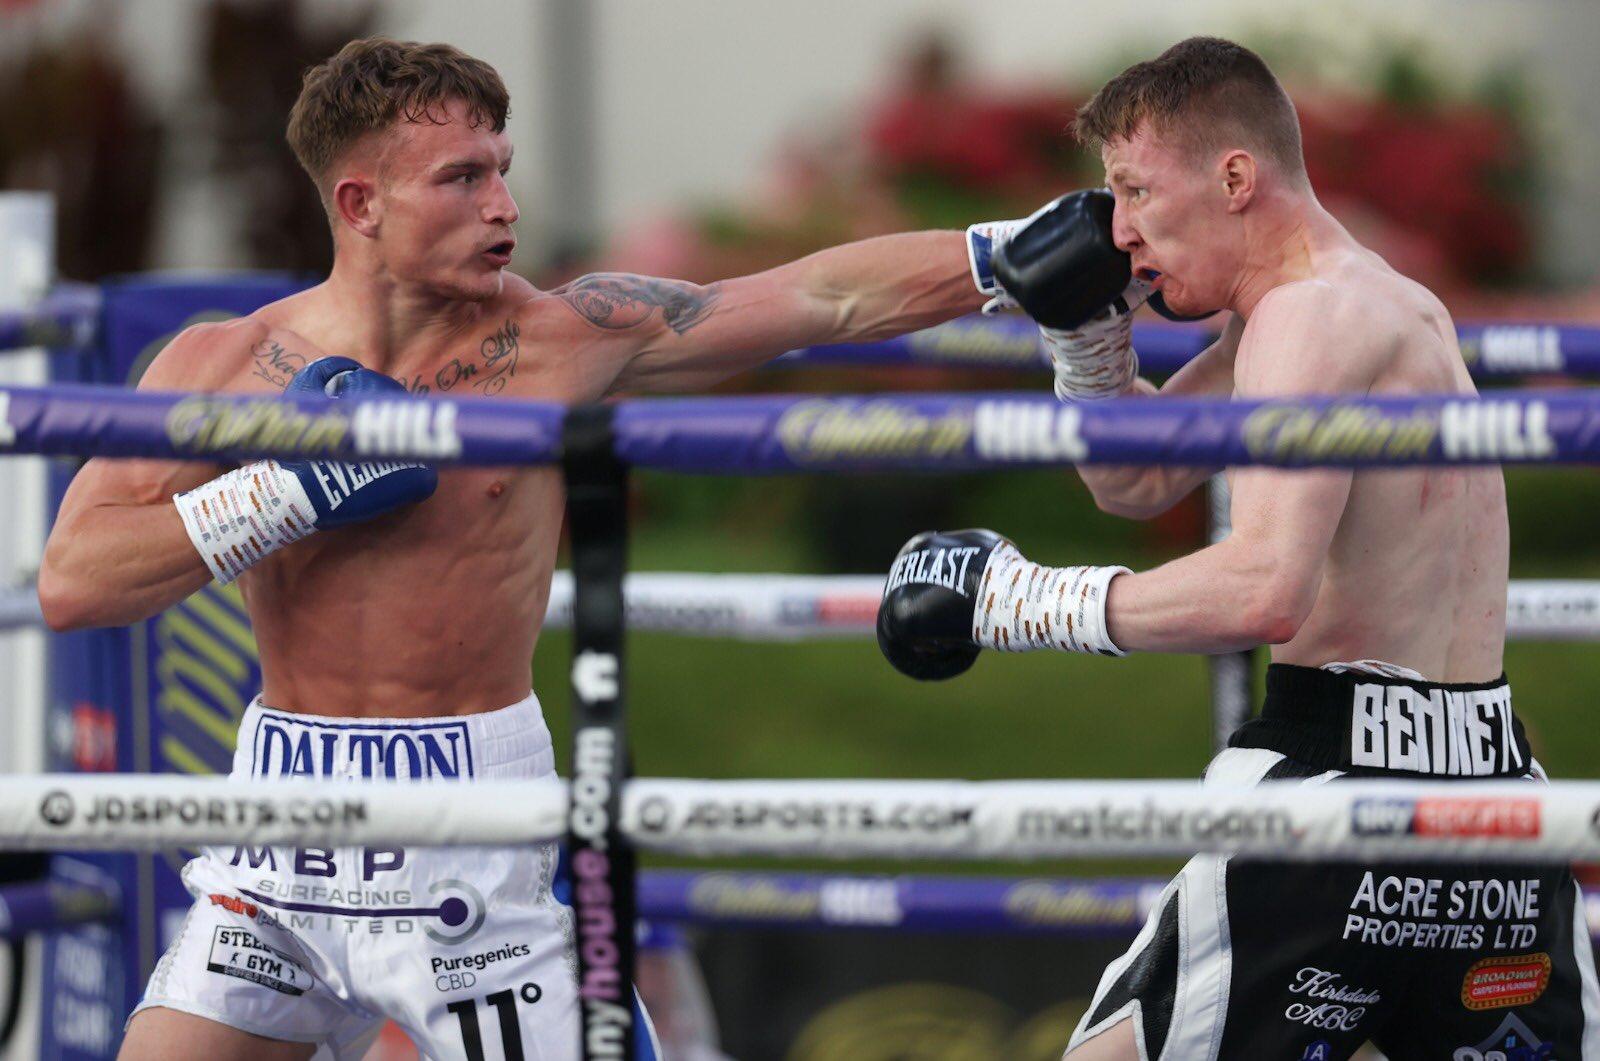 Dalton Smith vs Nathan Bennet